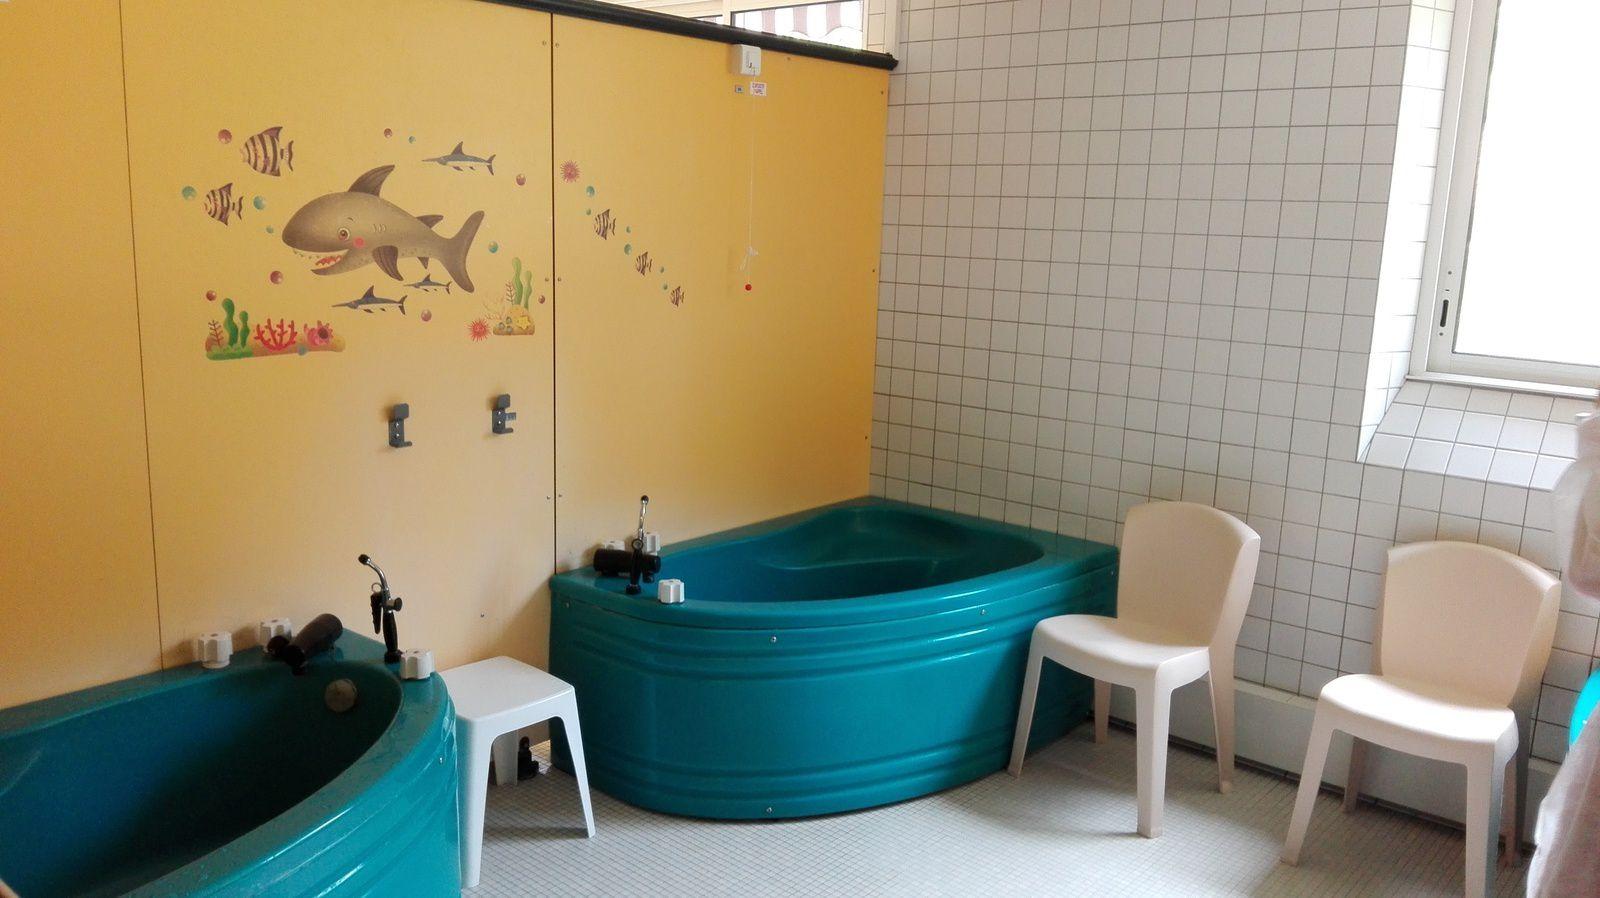 le bain simple ou aérogazeux général ou local, relaxant et hydratant réduit les démangeaisons (espace enfant)